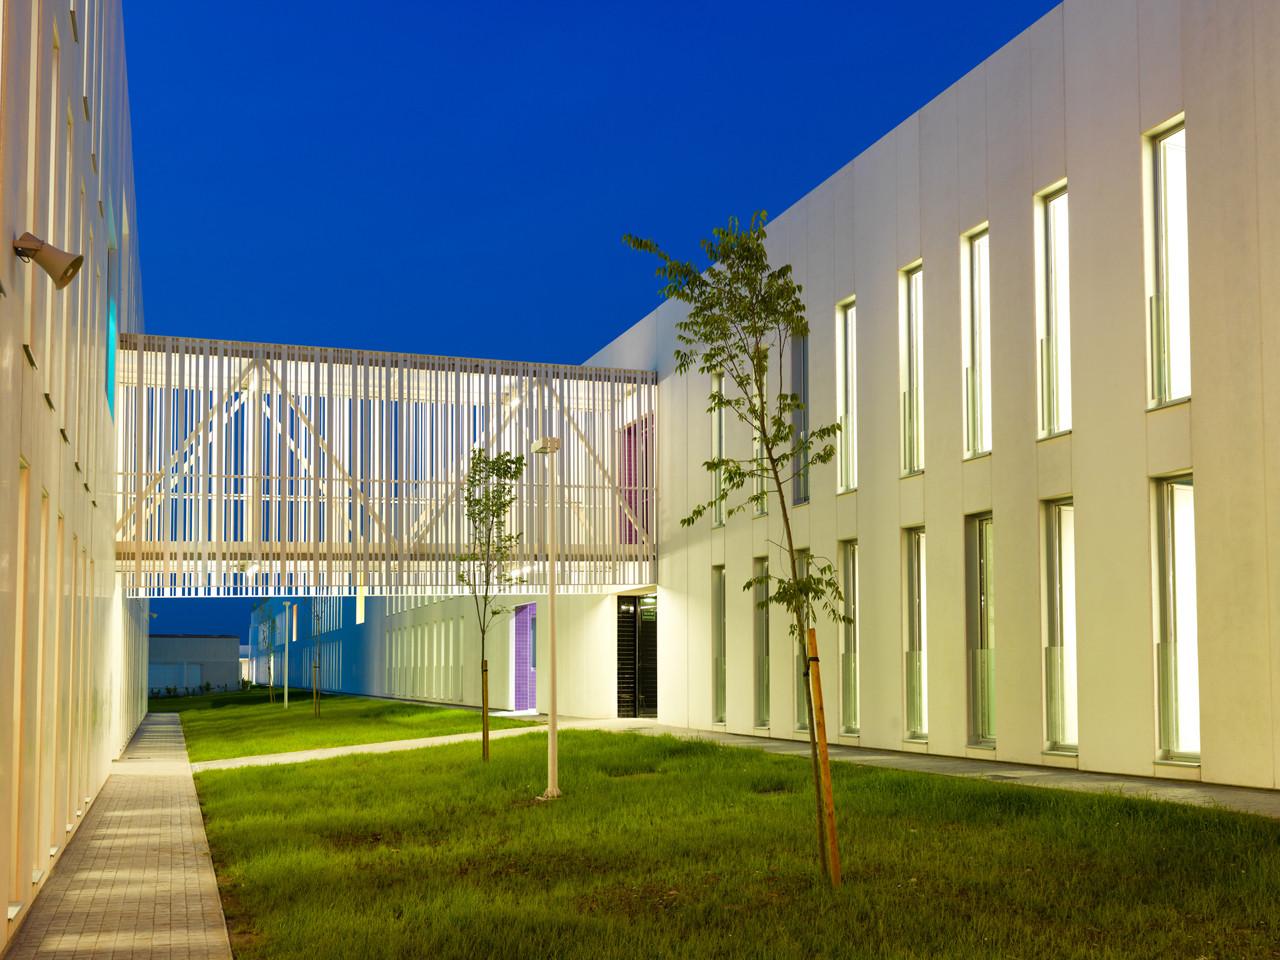 Escuela Secundaria Jaume I. Ontinyent / Ramon Esteve, © Xavier Mollà